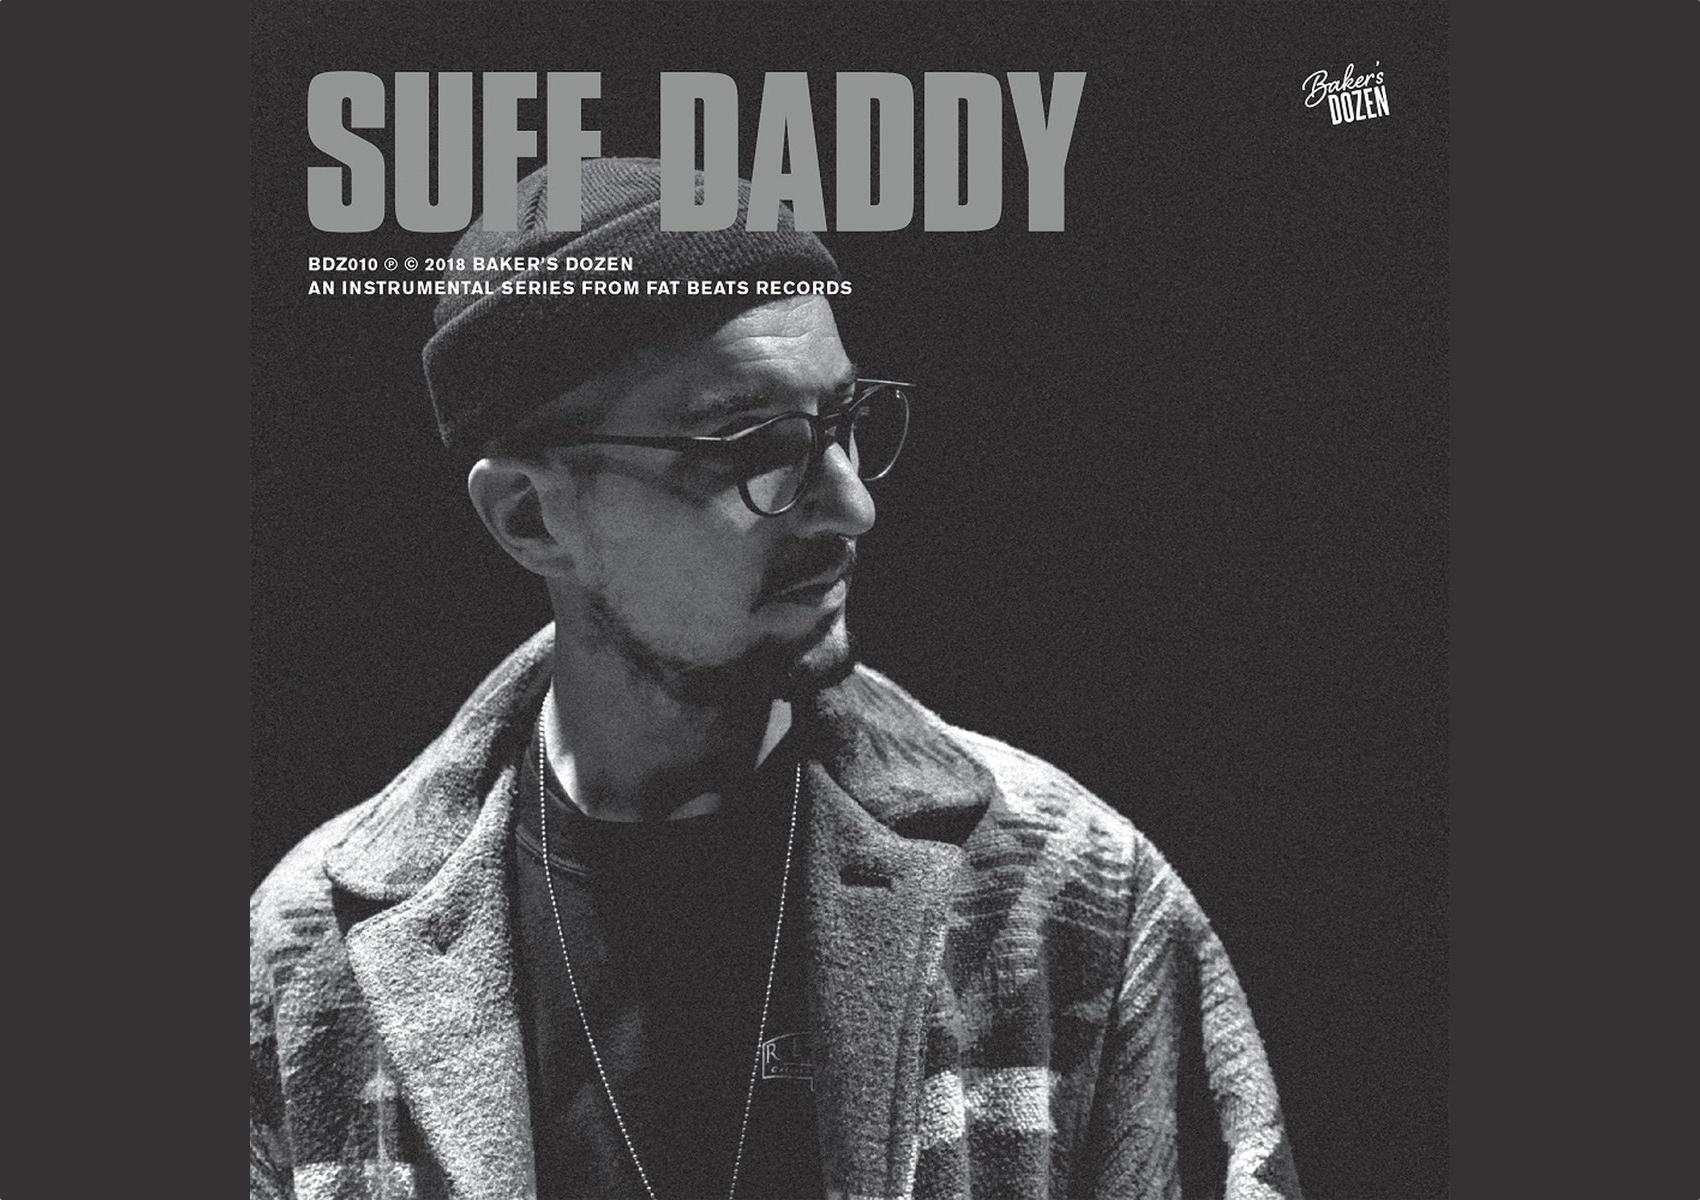 Baker's Dozen: Suff Daddy (ALBUM)